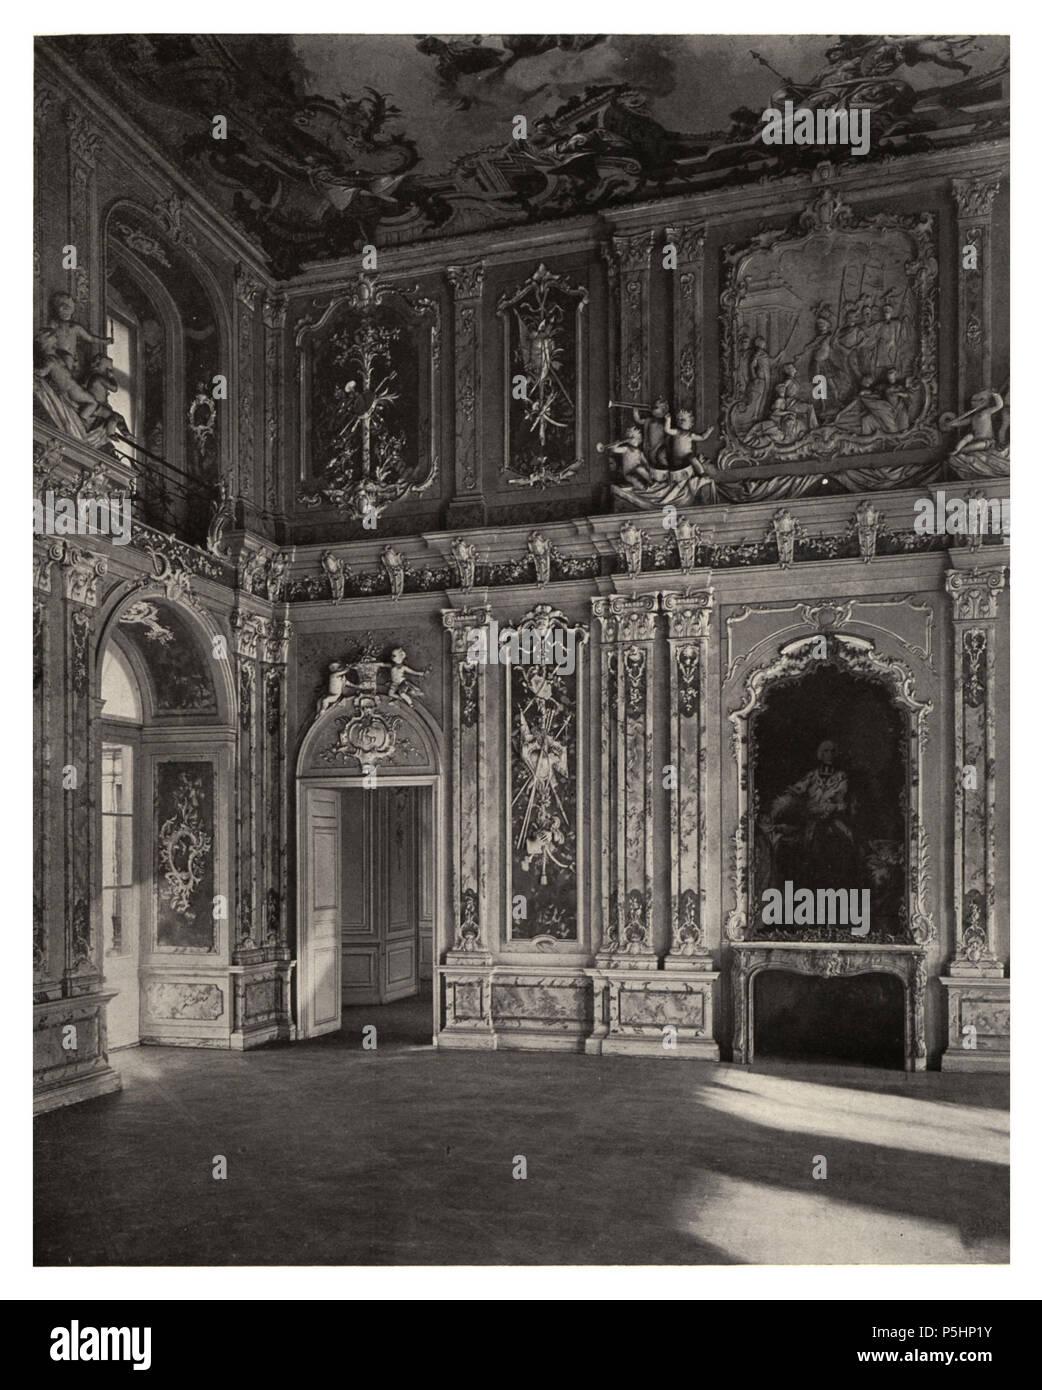 19 166 Schloß Brühl a. Rhein (Augustusburg). — Der Rittersaal - Stock Image